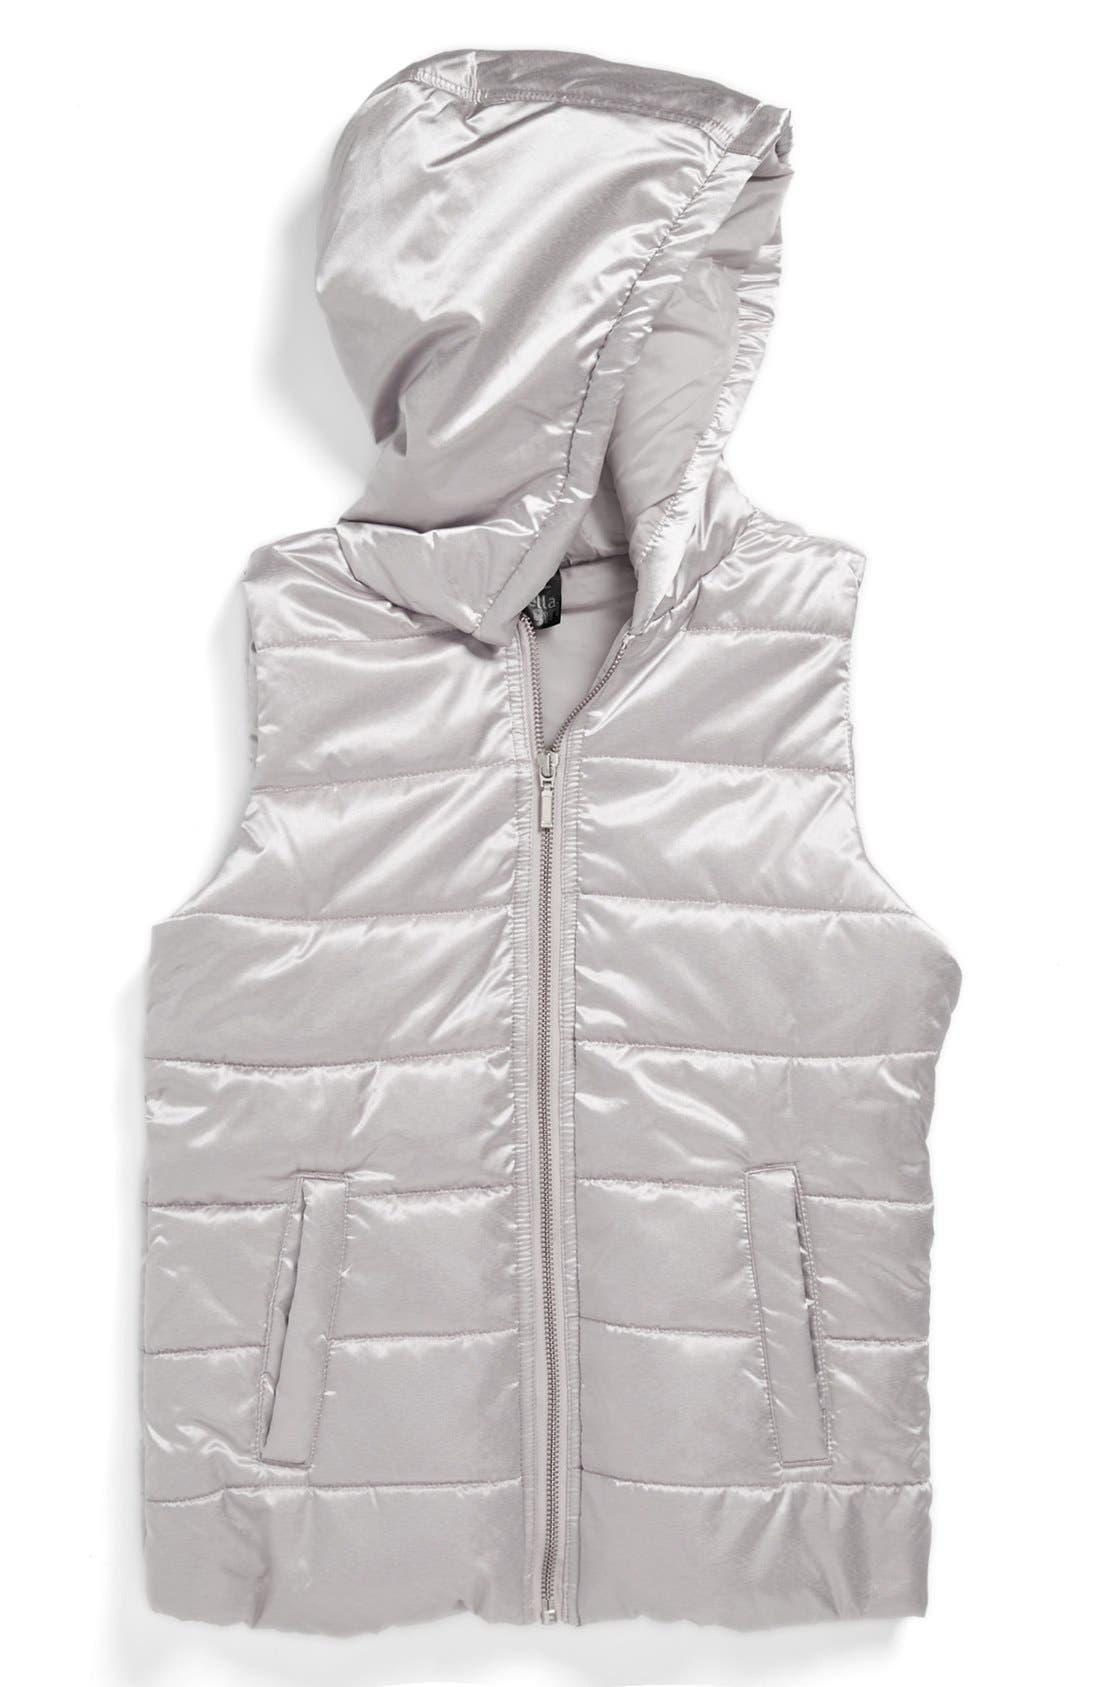 Alternate Image 1 Selected - Zella Hooded Vest (Little Girls & Big Girls)